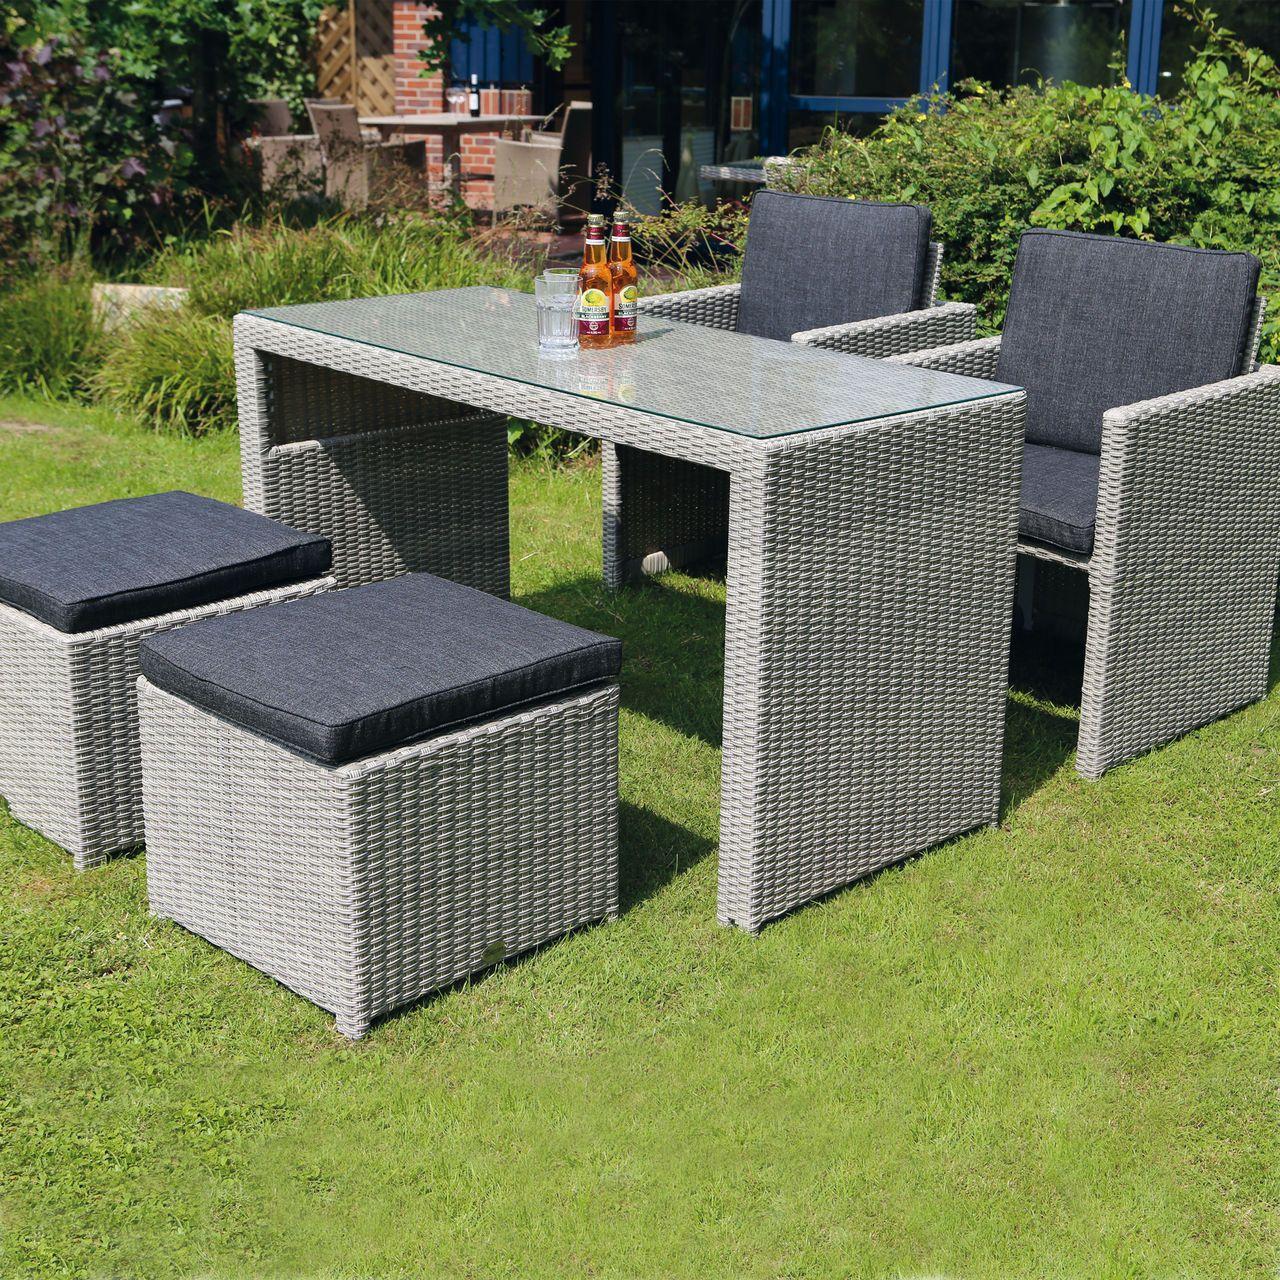 Platzsparendes Wetterfestes Gartenmöbel Set Passt Auf Den Kleinsten